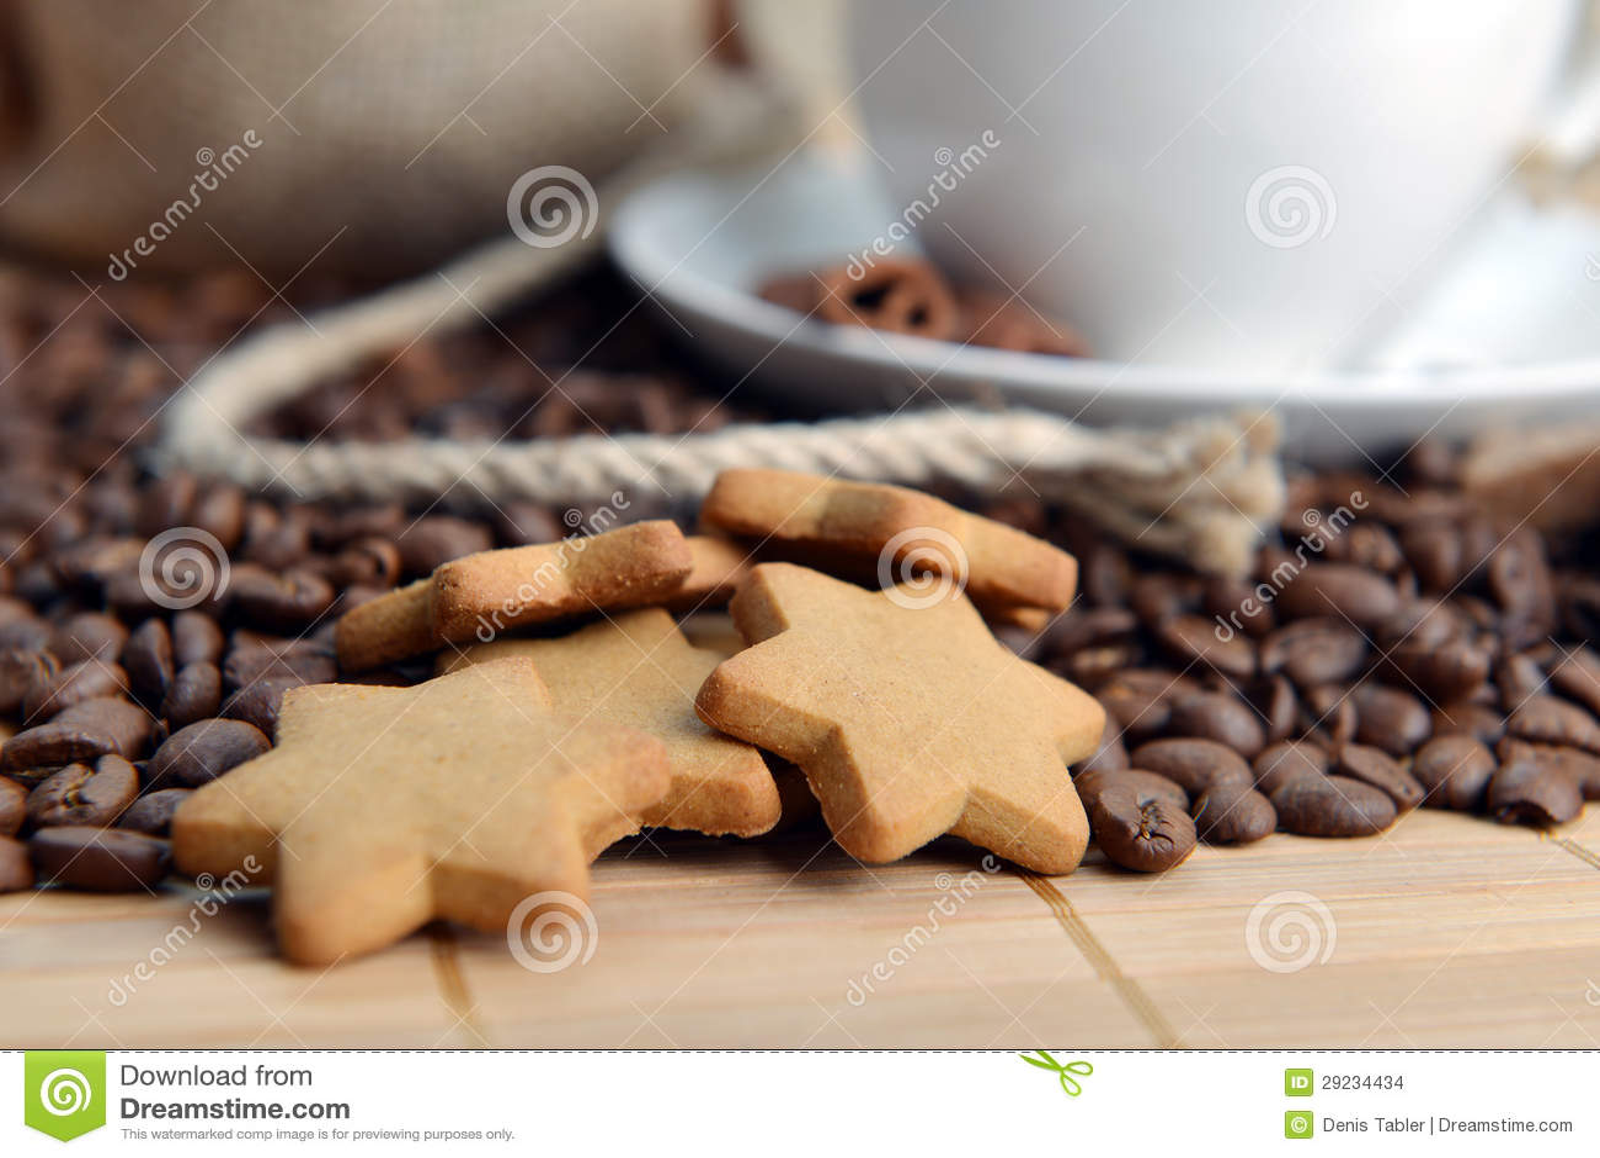 Download Feijões de café foto de stock. Imagem de café, bebida - 29234434